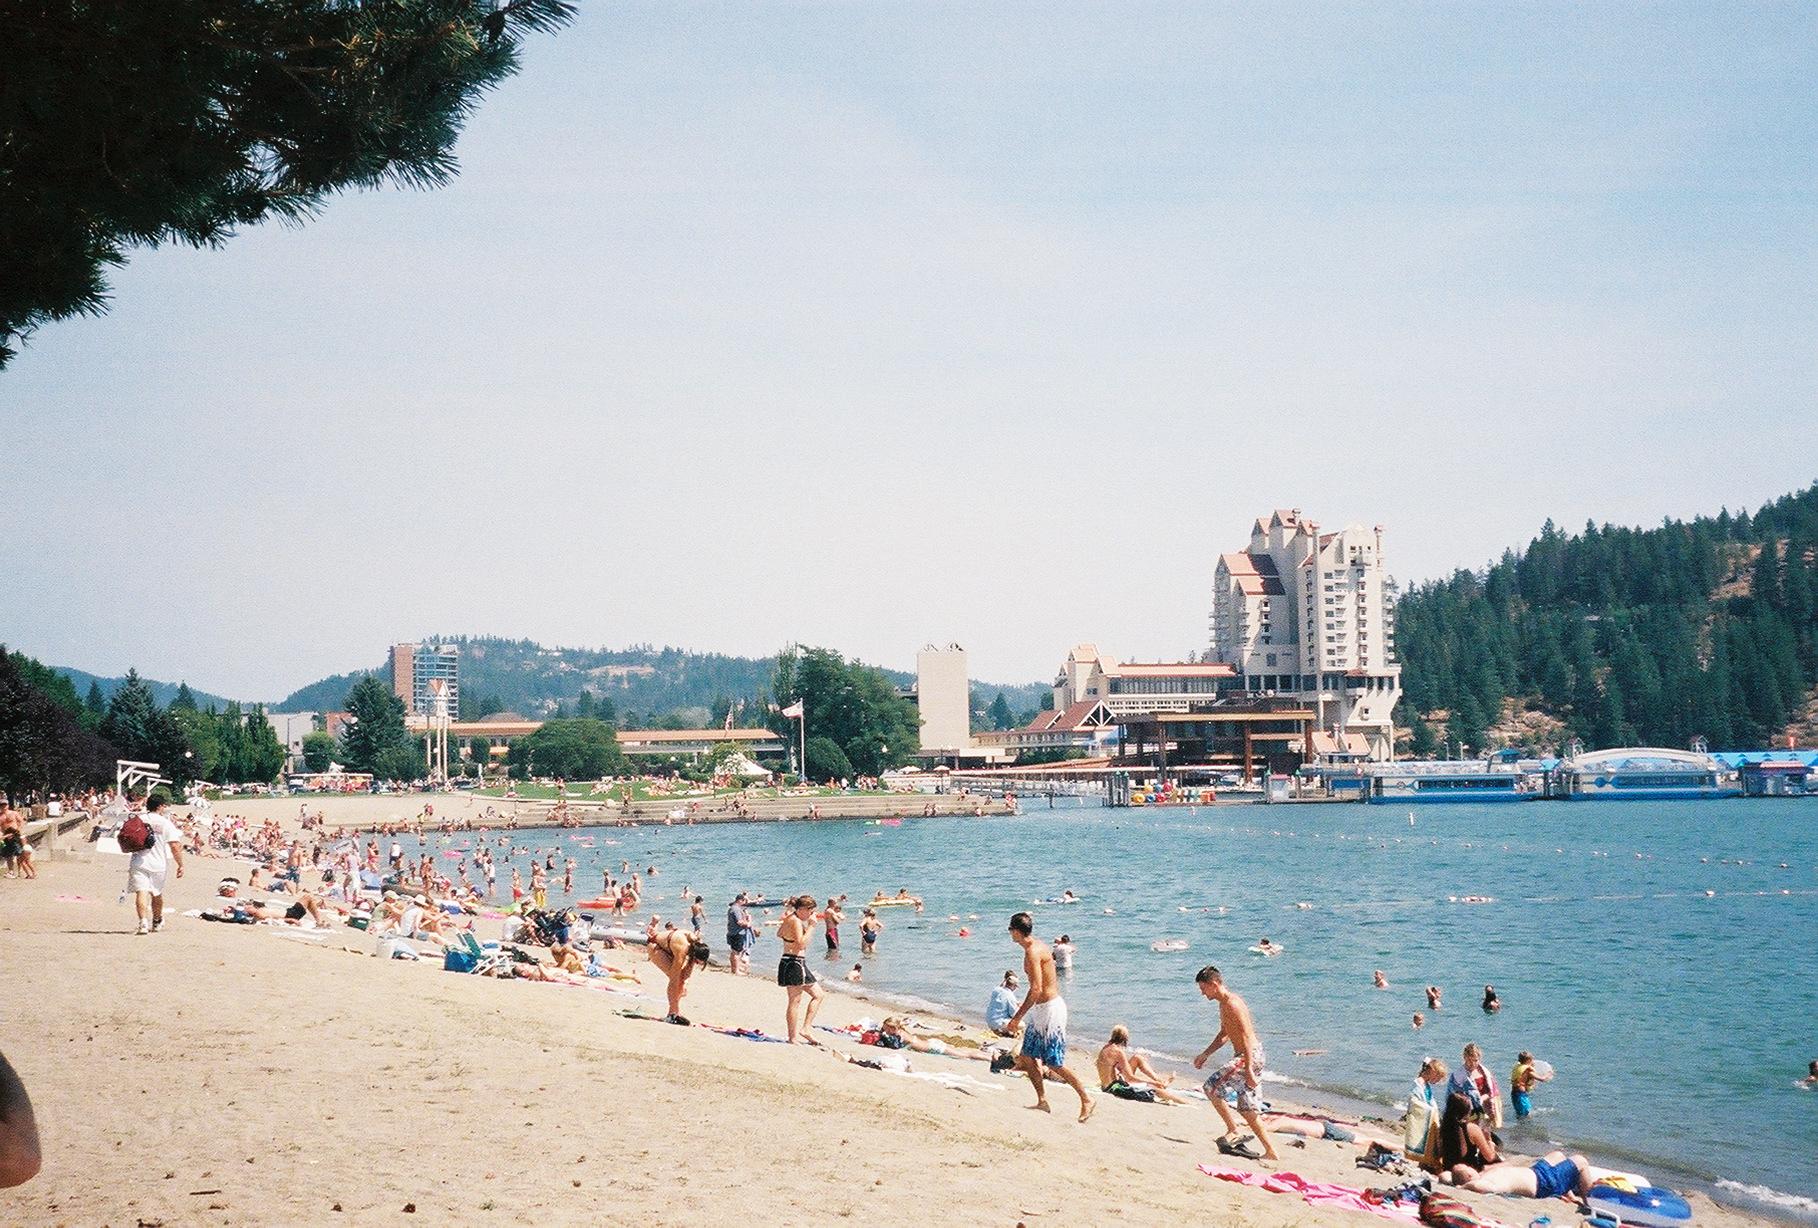 Beaches of Coeur d'Alene